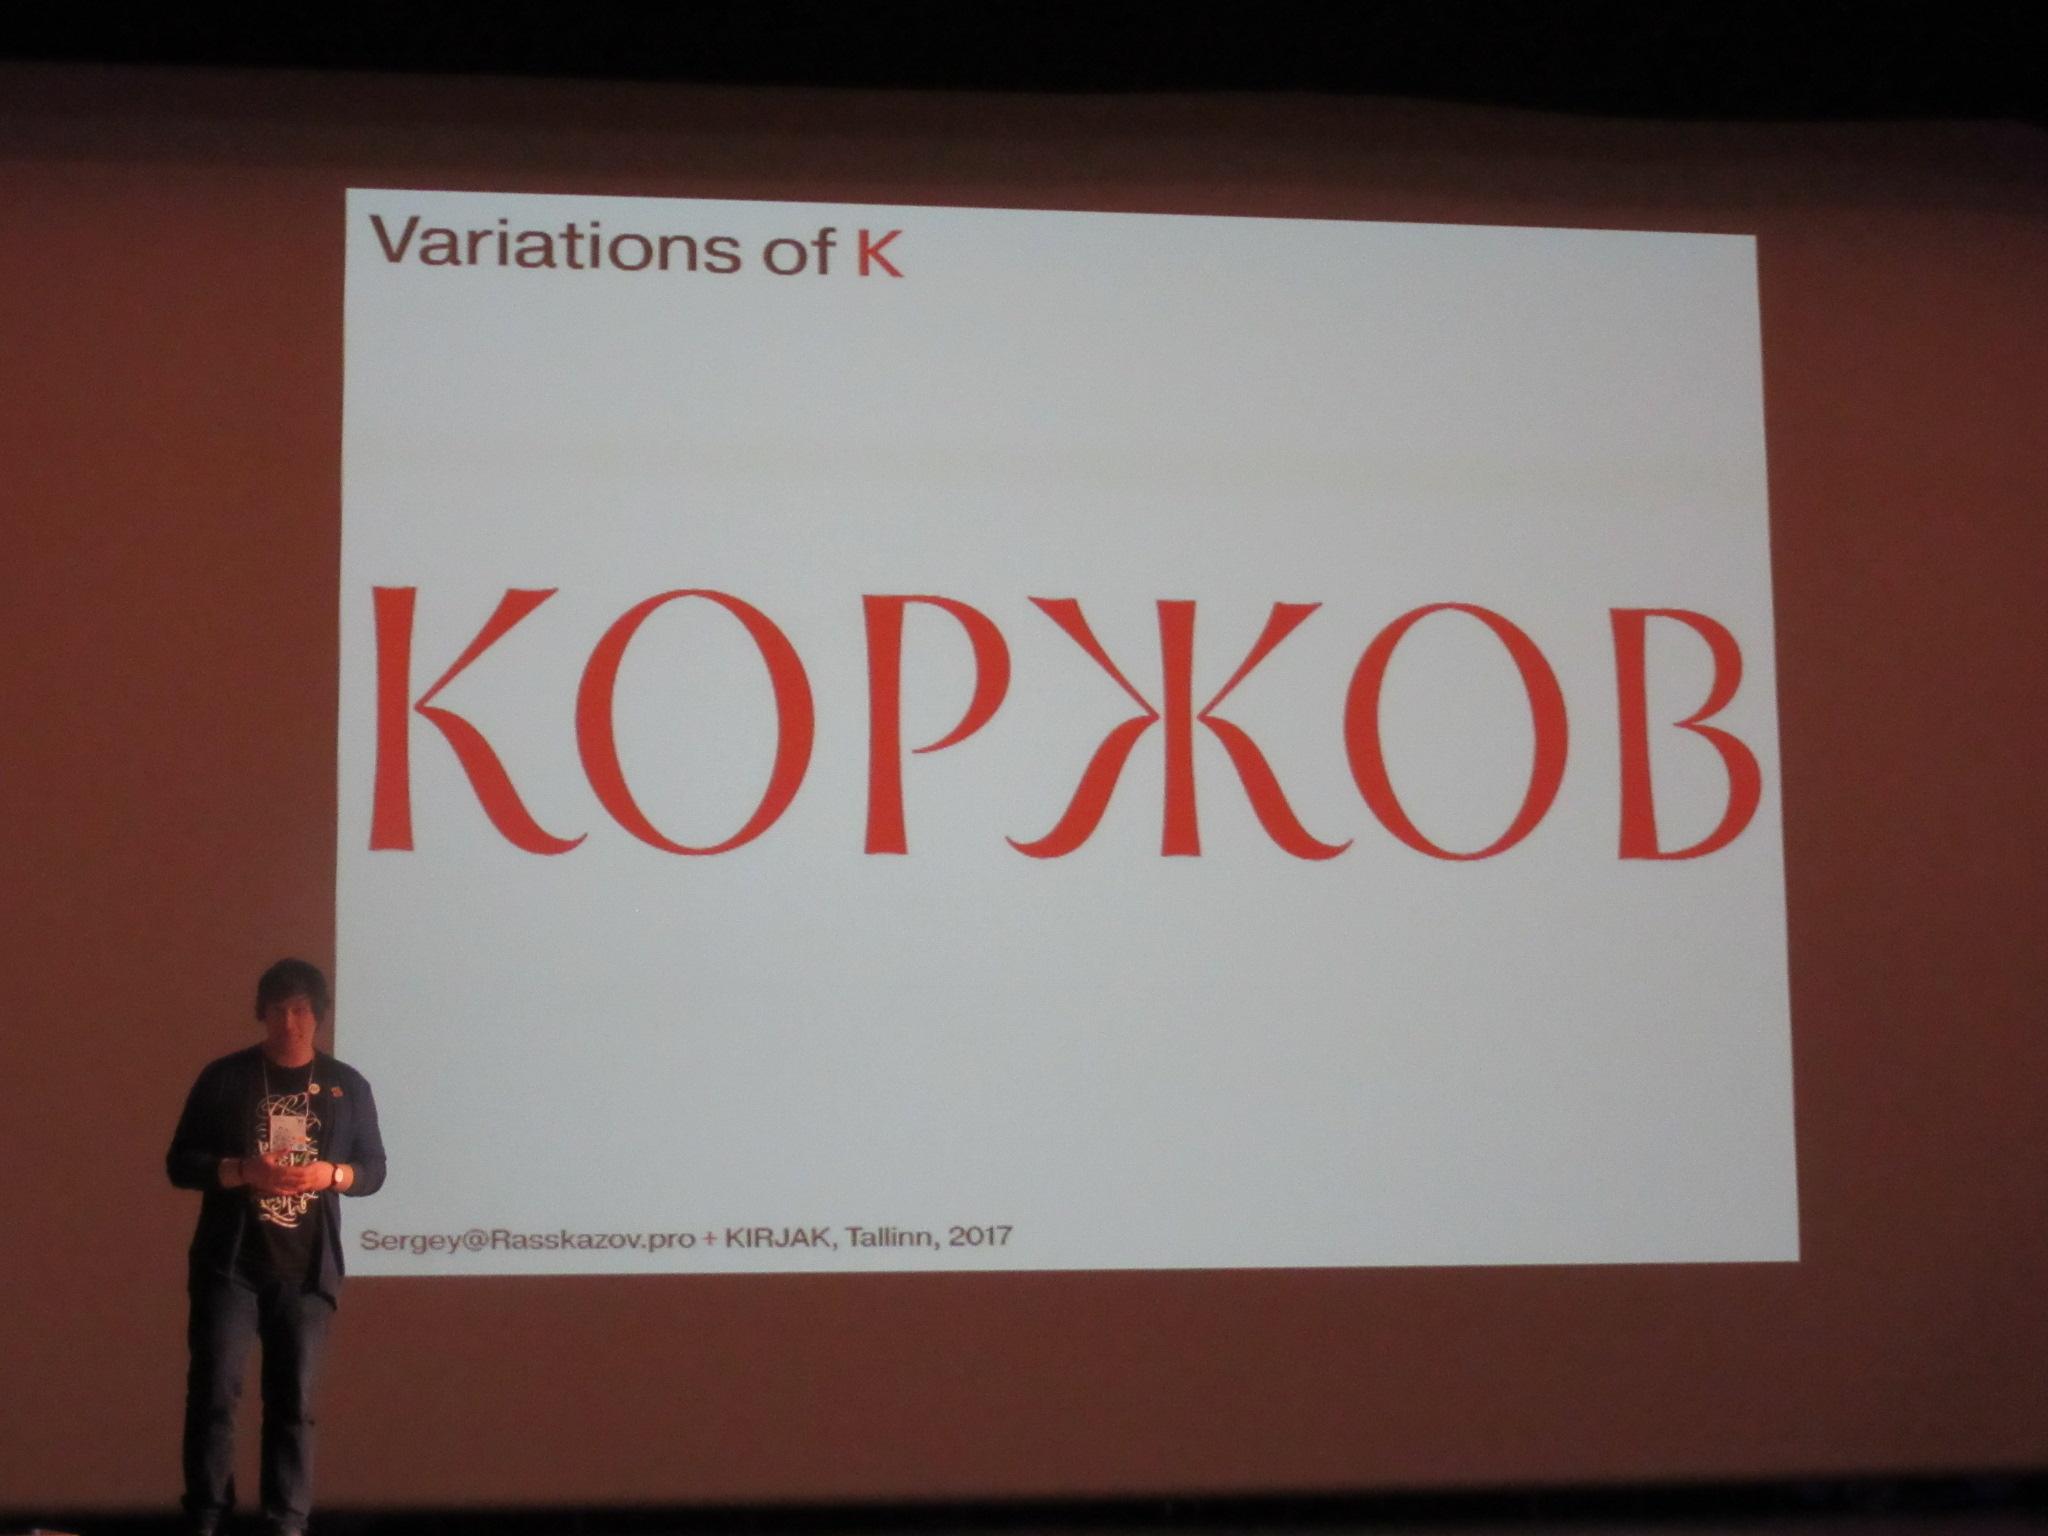 Tüpograafiaseminaril Kirjak 5 Rahvusraamatukogus.